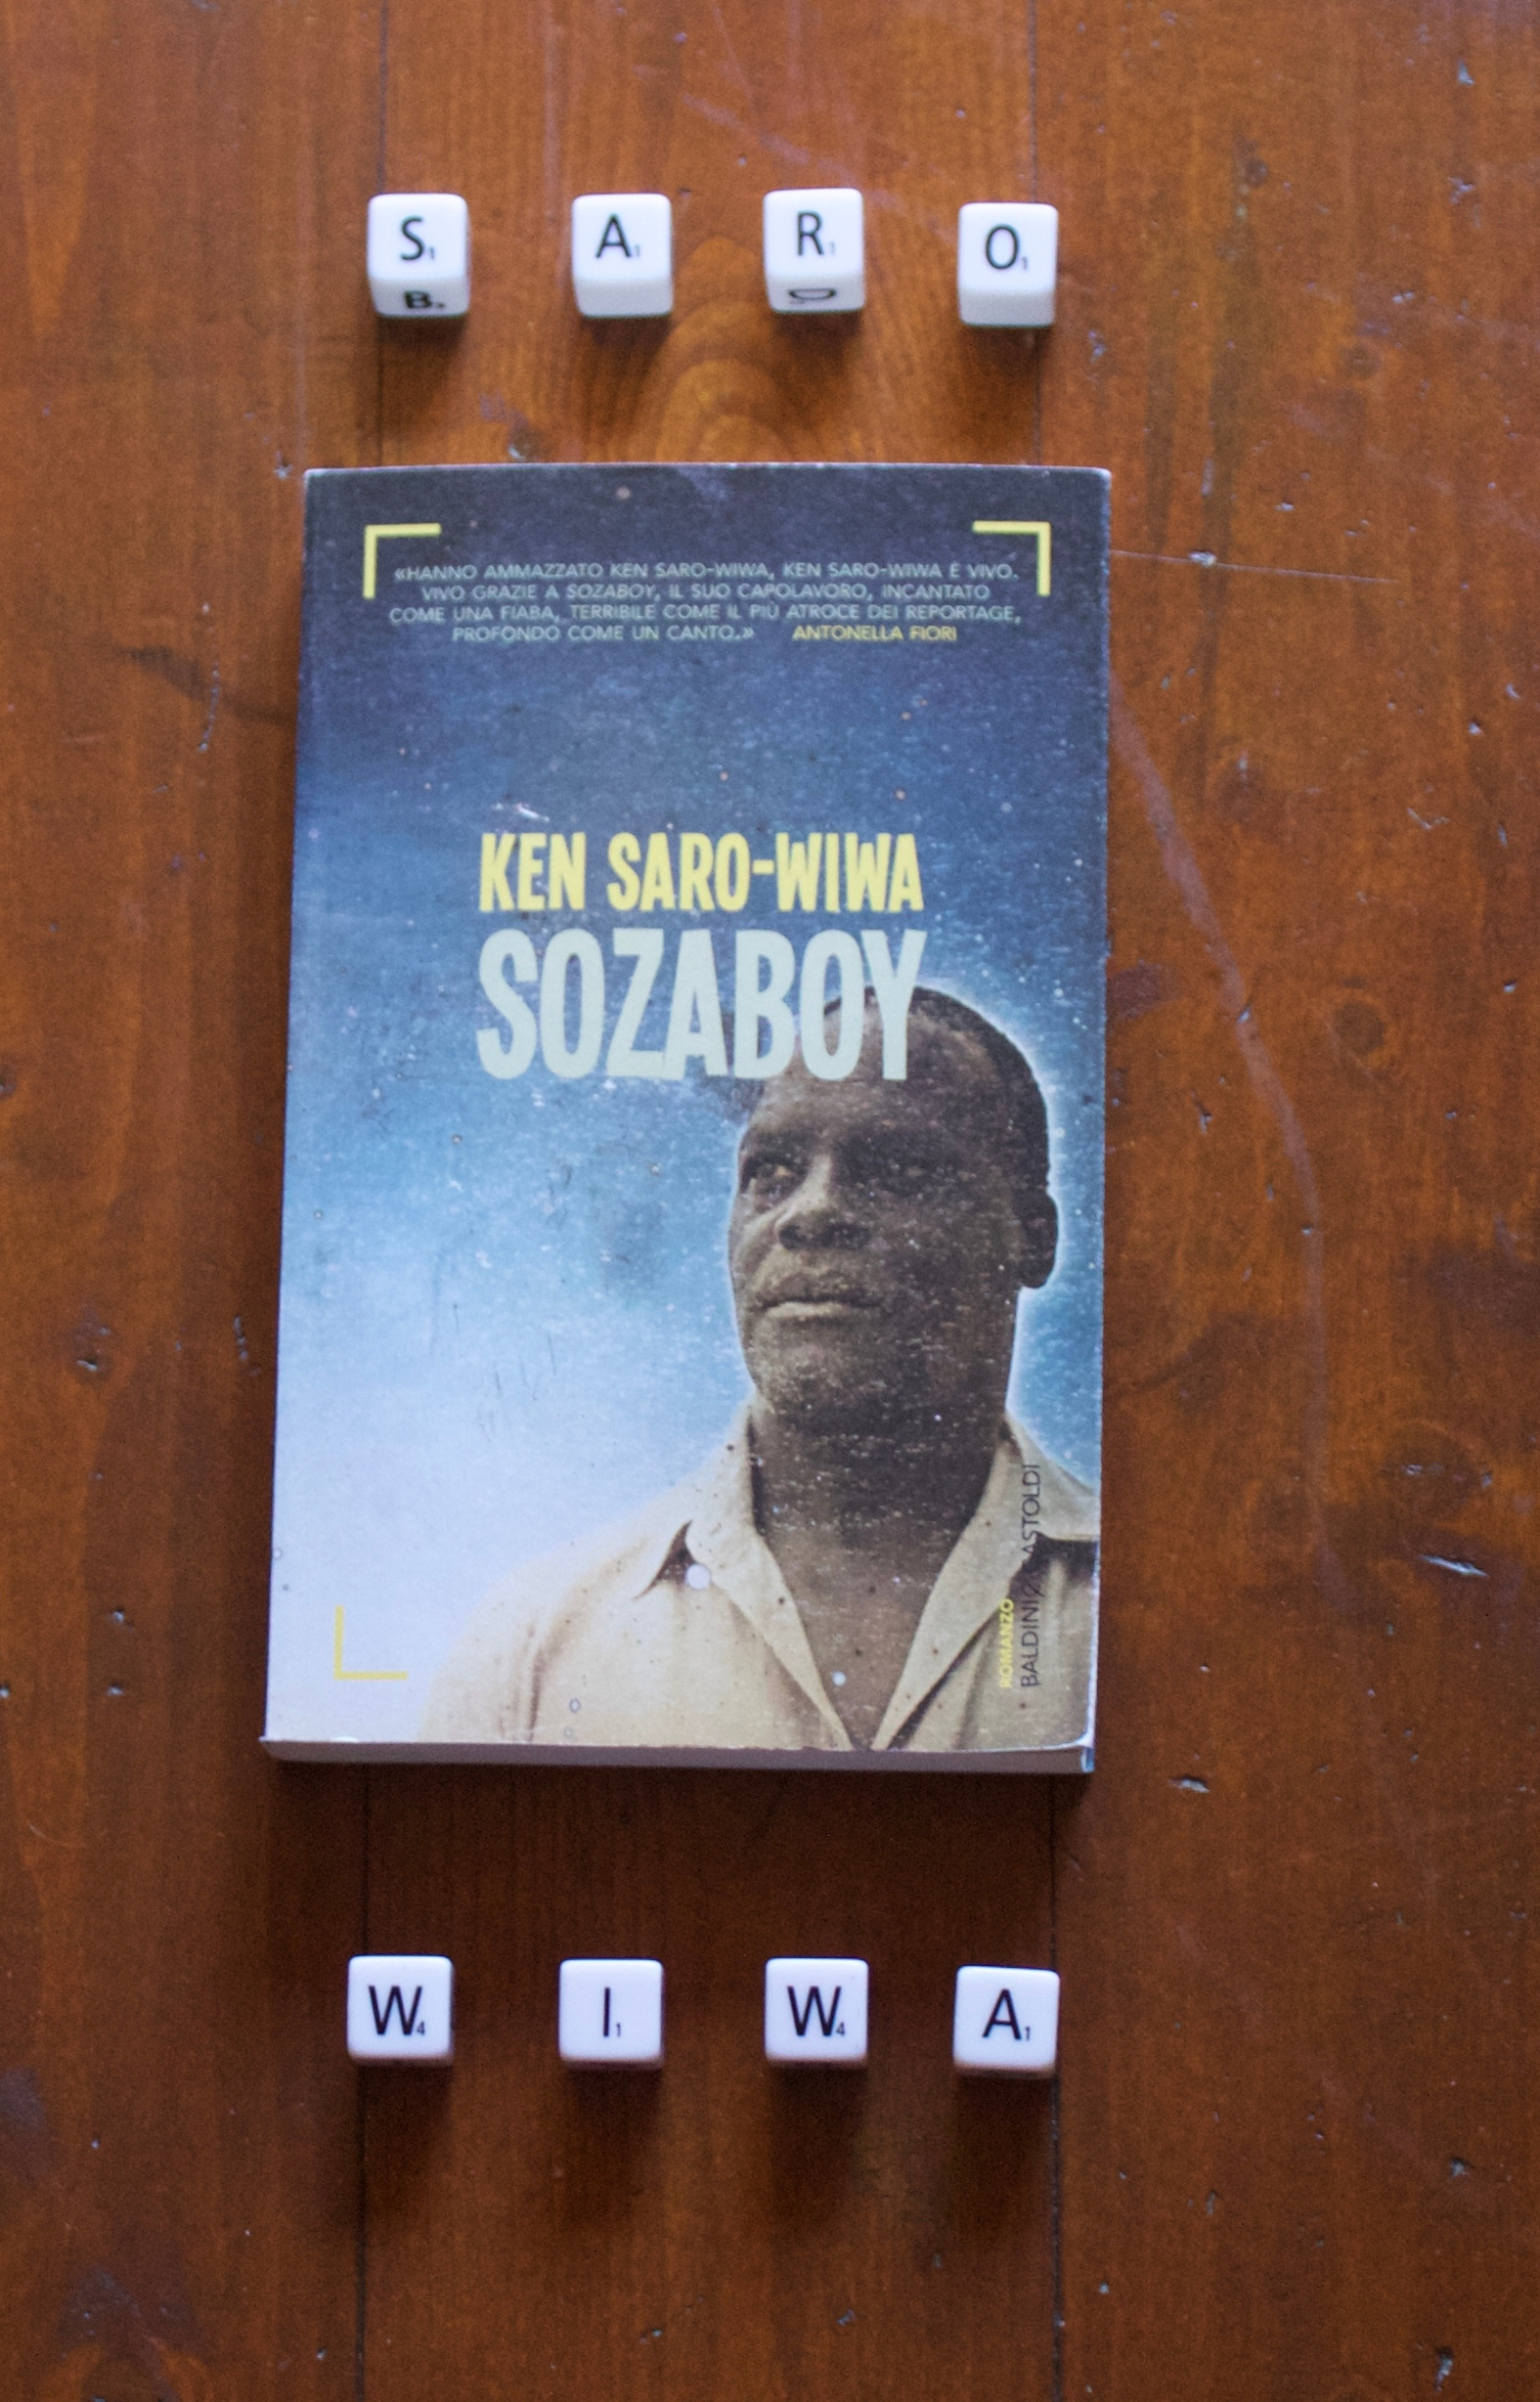 Il libro eredità di Ken Saro-Wiwa.